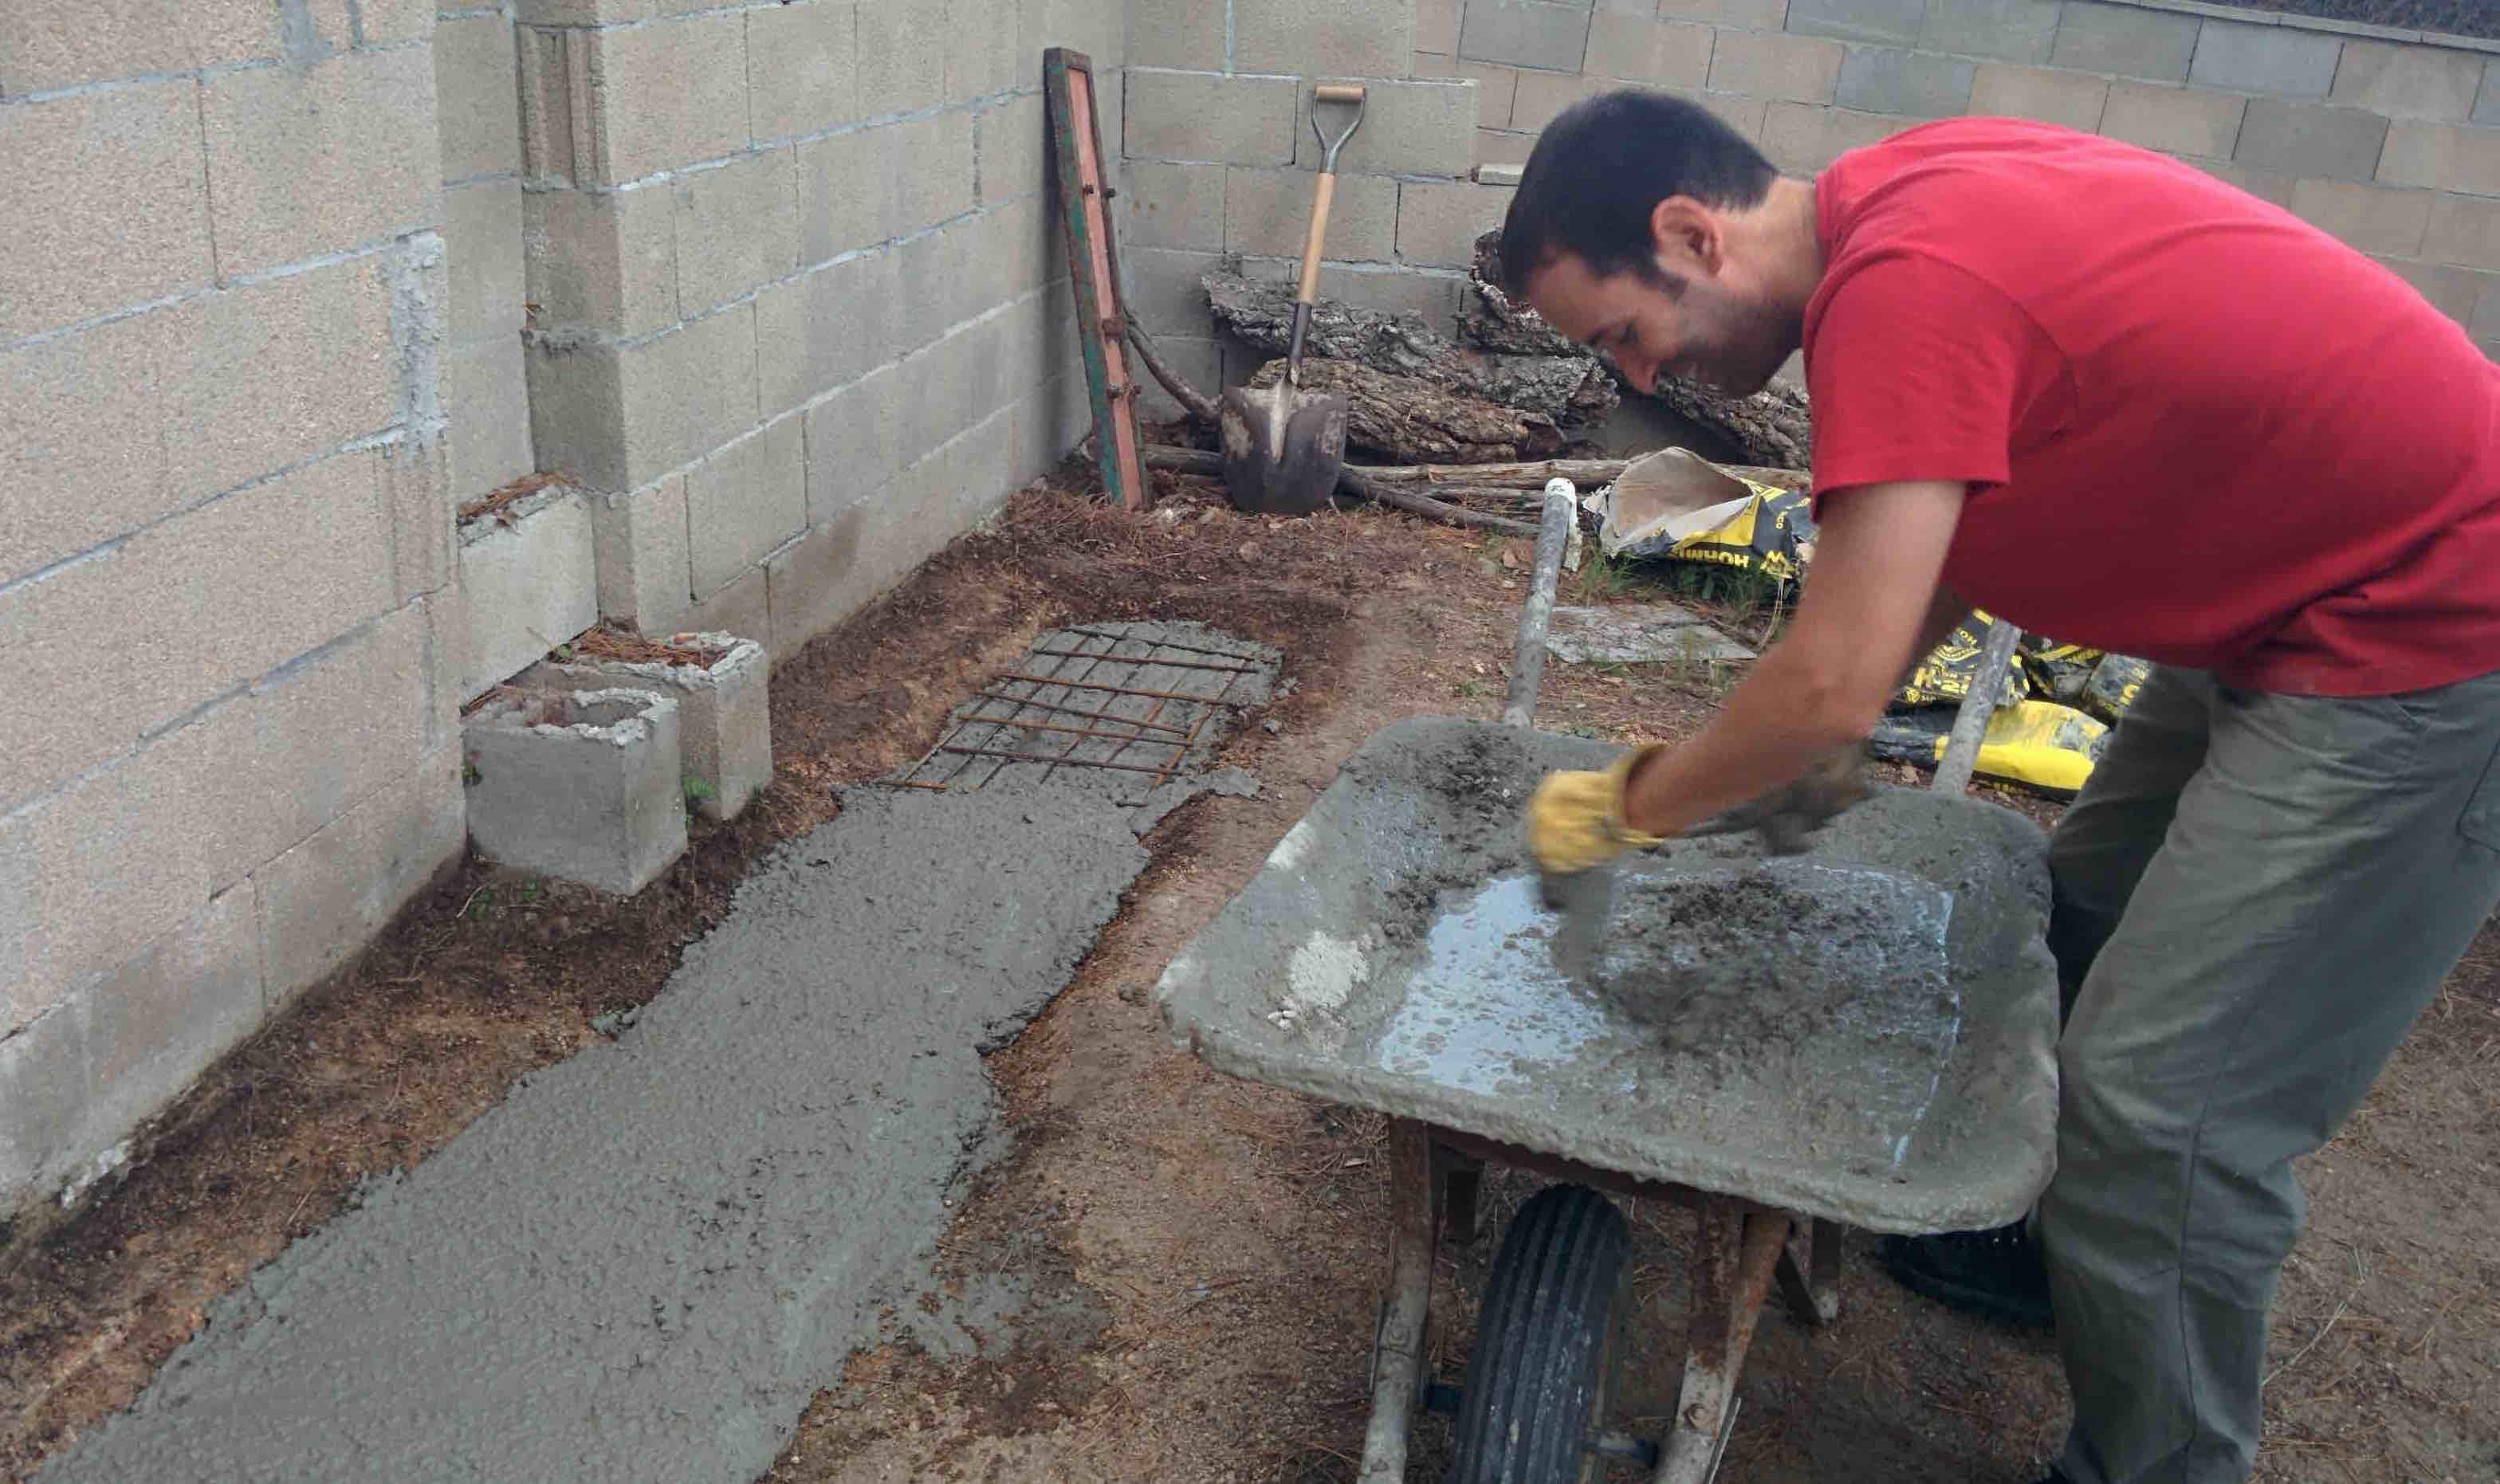 Una sobre c mo construir barbacoas parte 1 el blog de - Barbacoa de obra casera ...